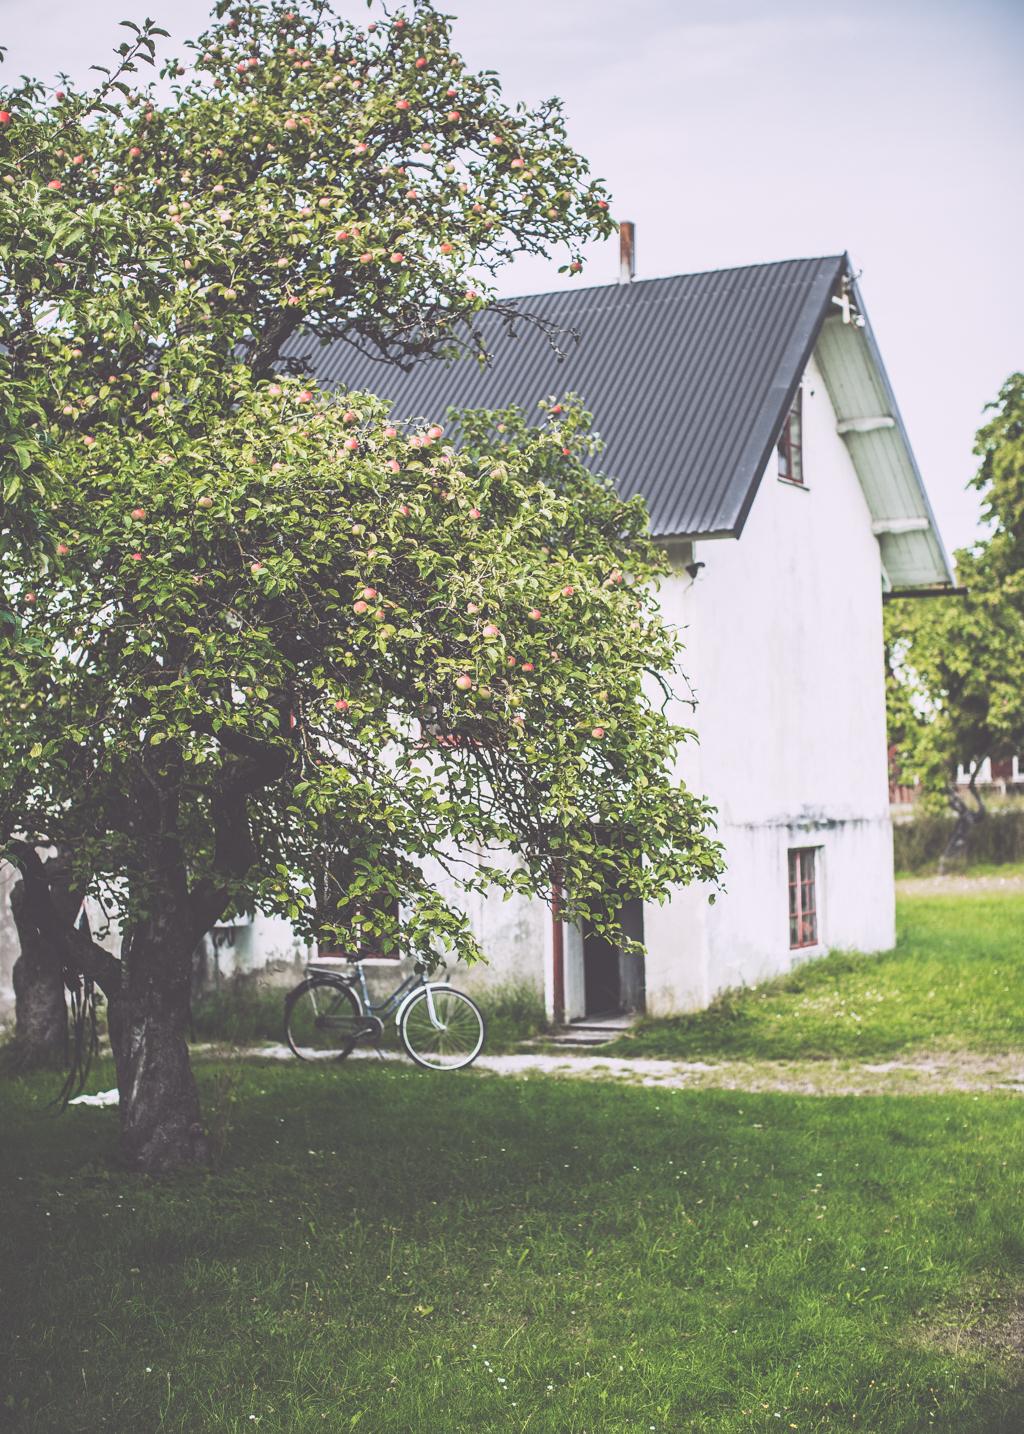 etelhem_kristin lagerqvist-0152